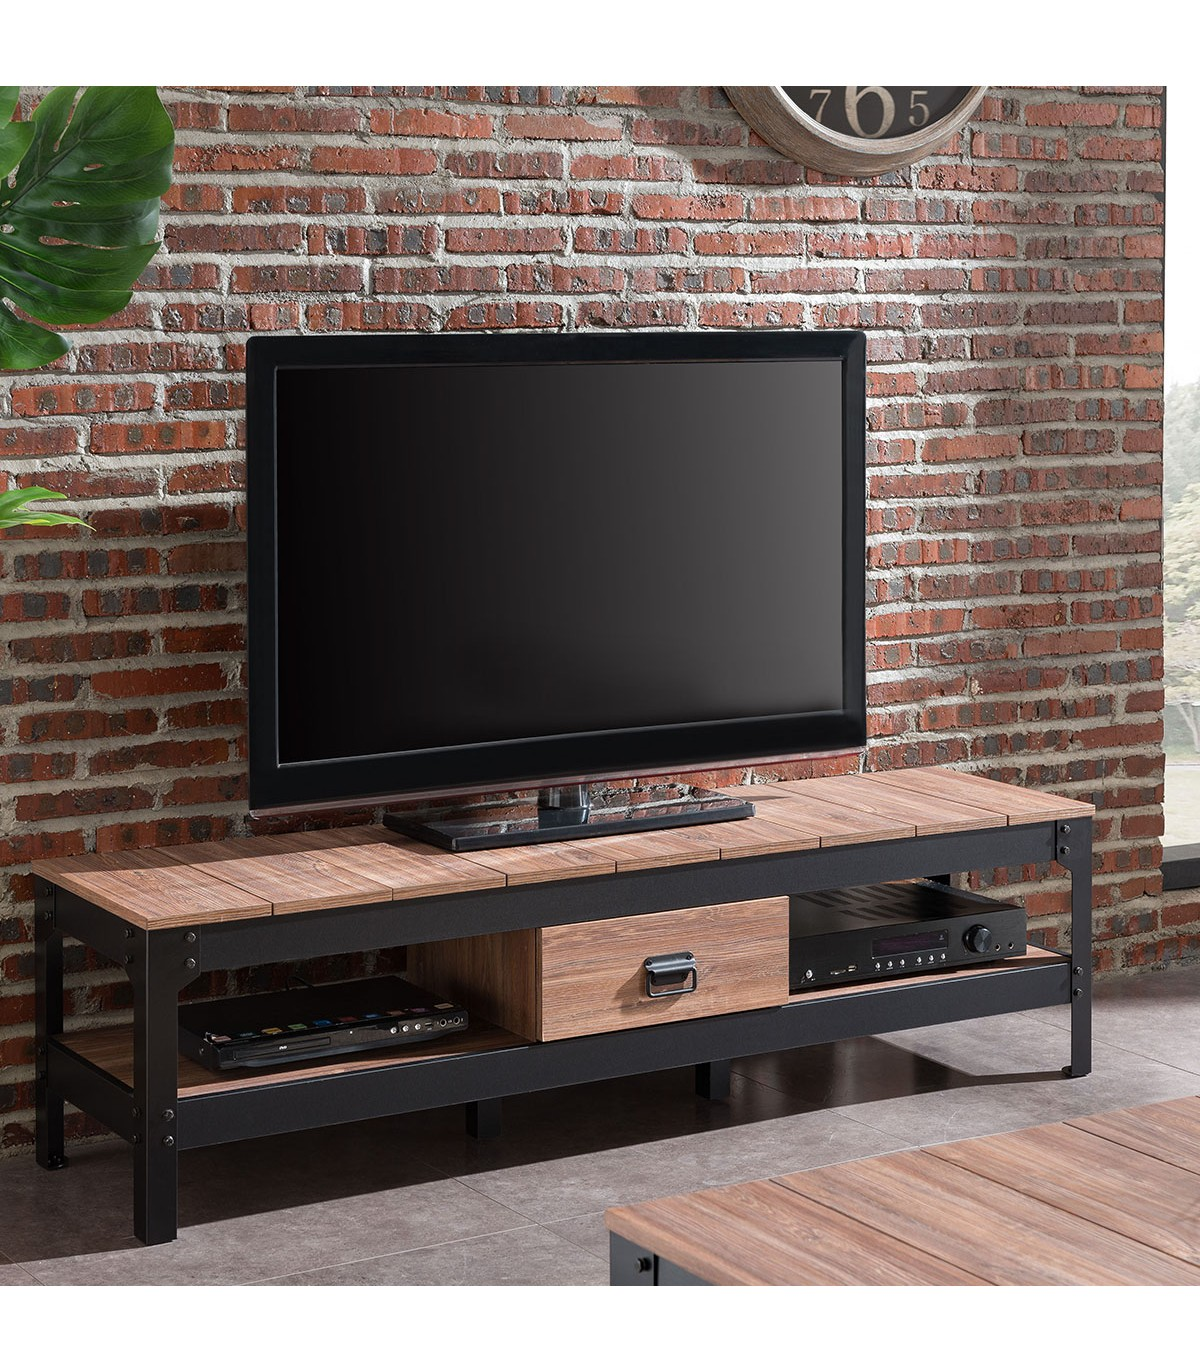 Meuble TV Couleur Vieux chêne